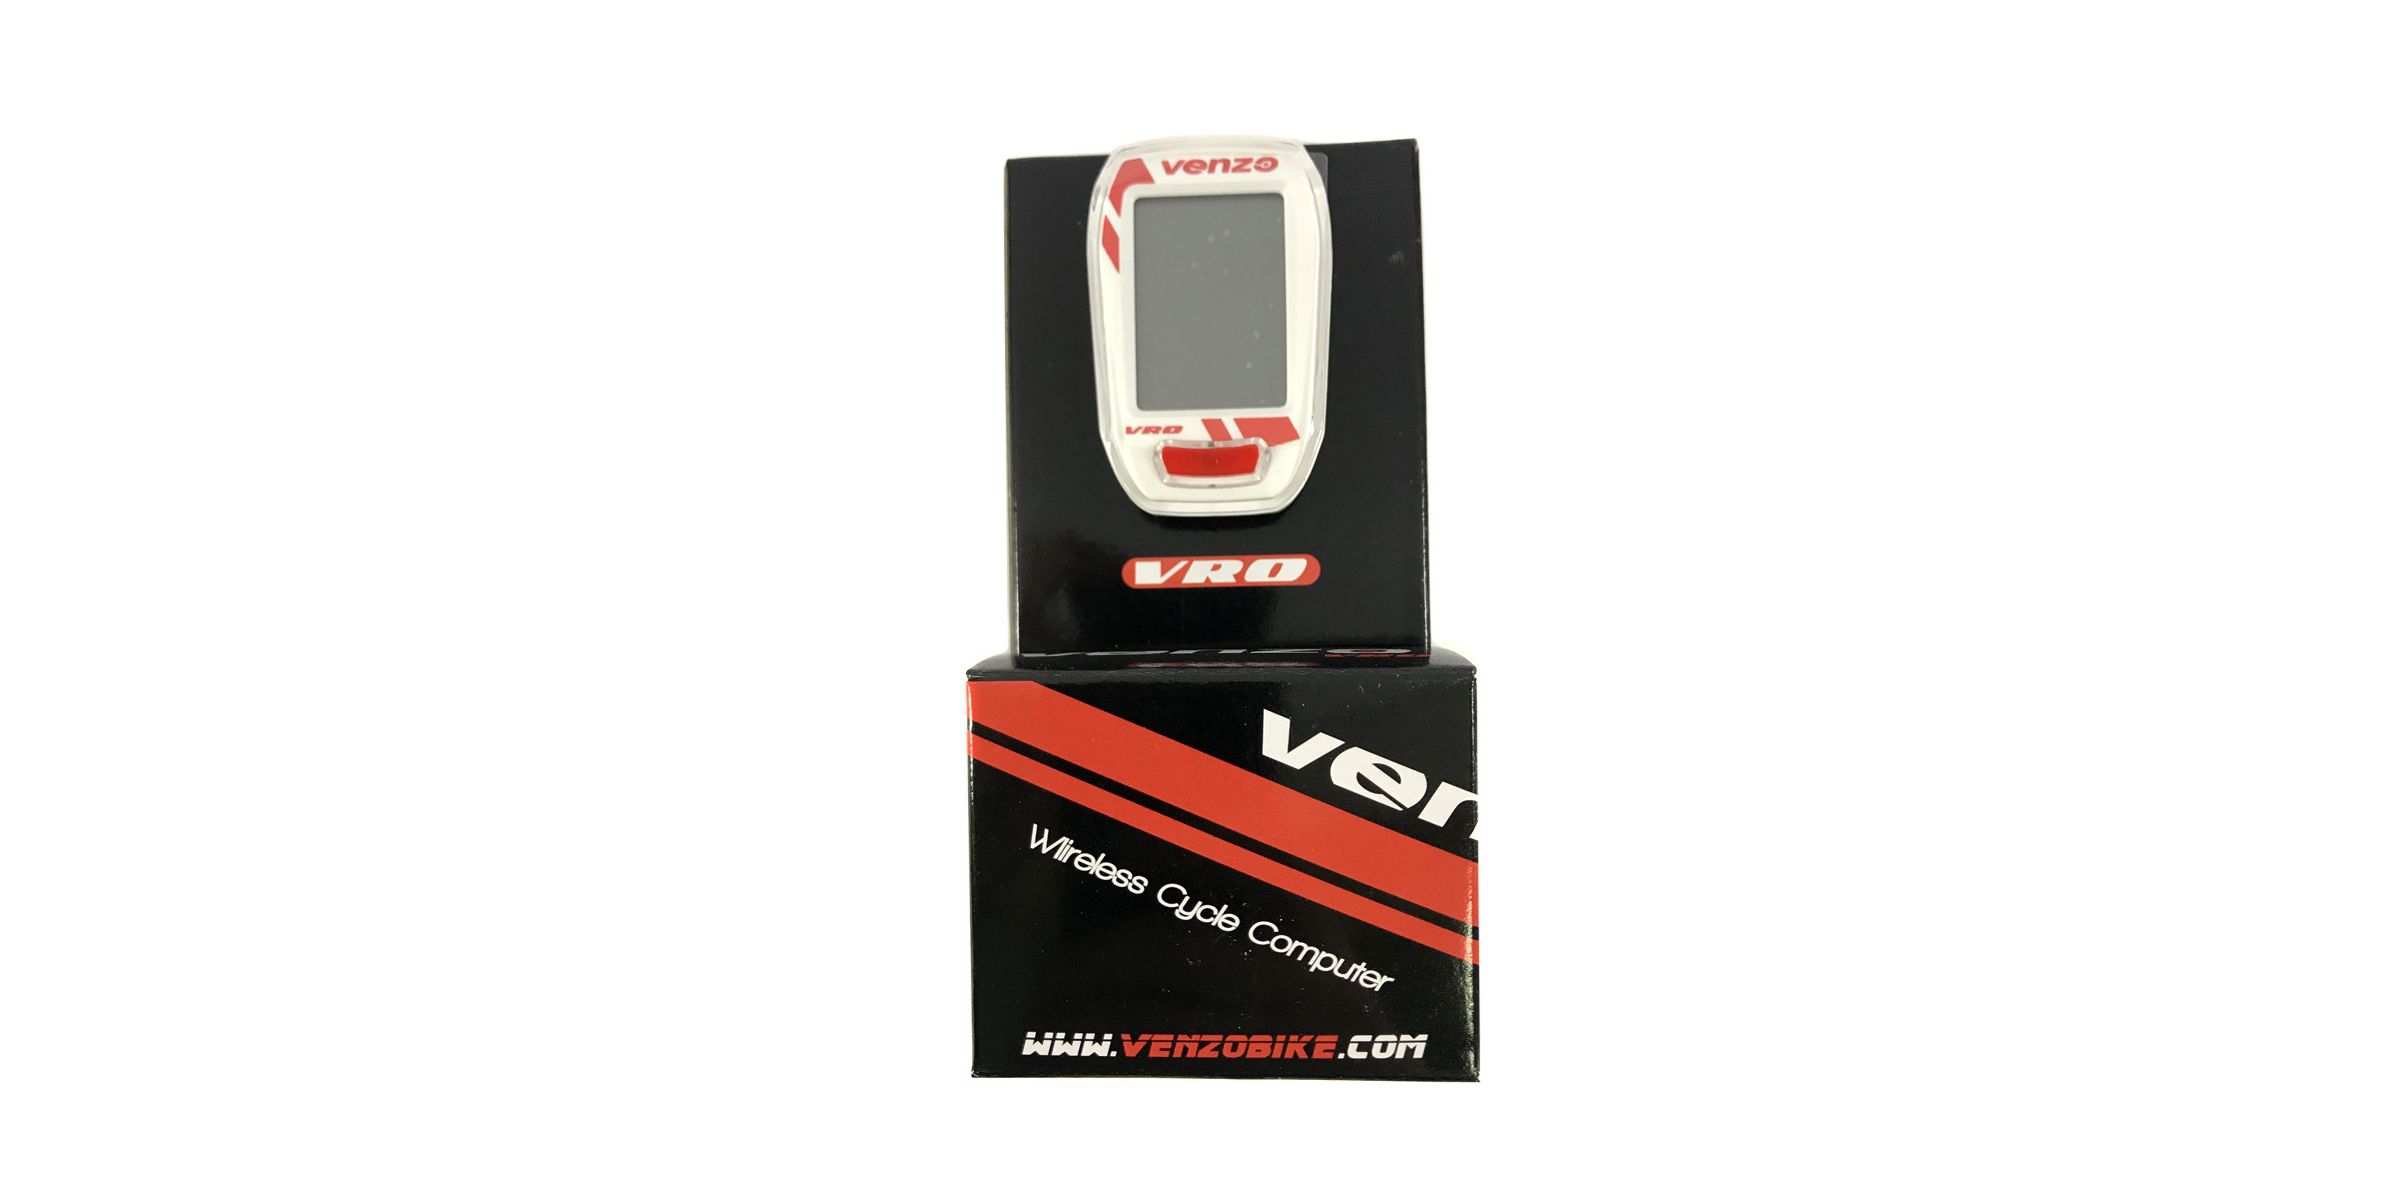 Компьютер VENZO VZ-F20-003 PSP-0394